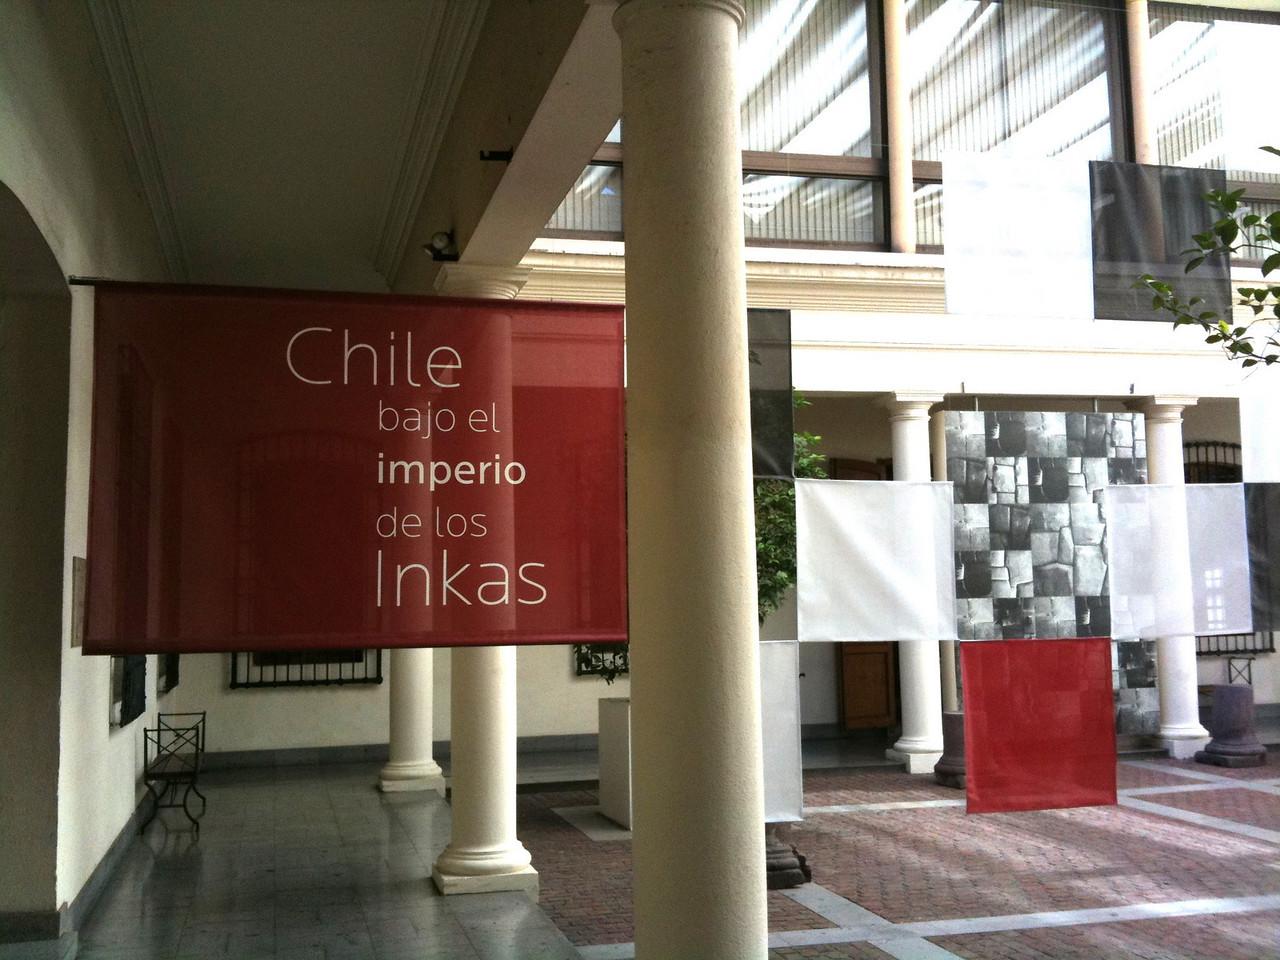 Special exhibit - Inca in Chile